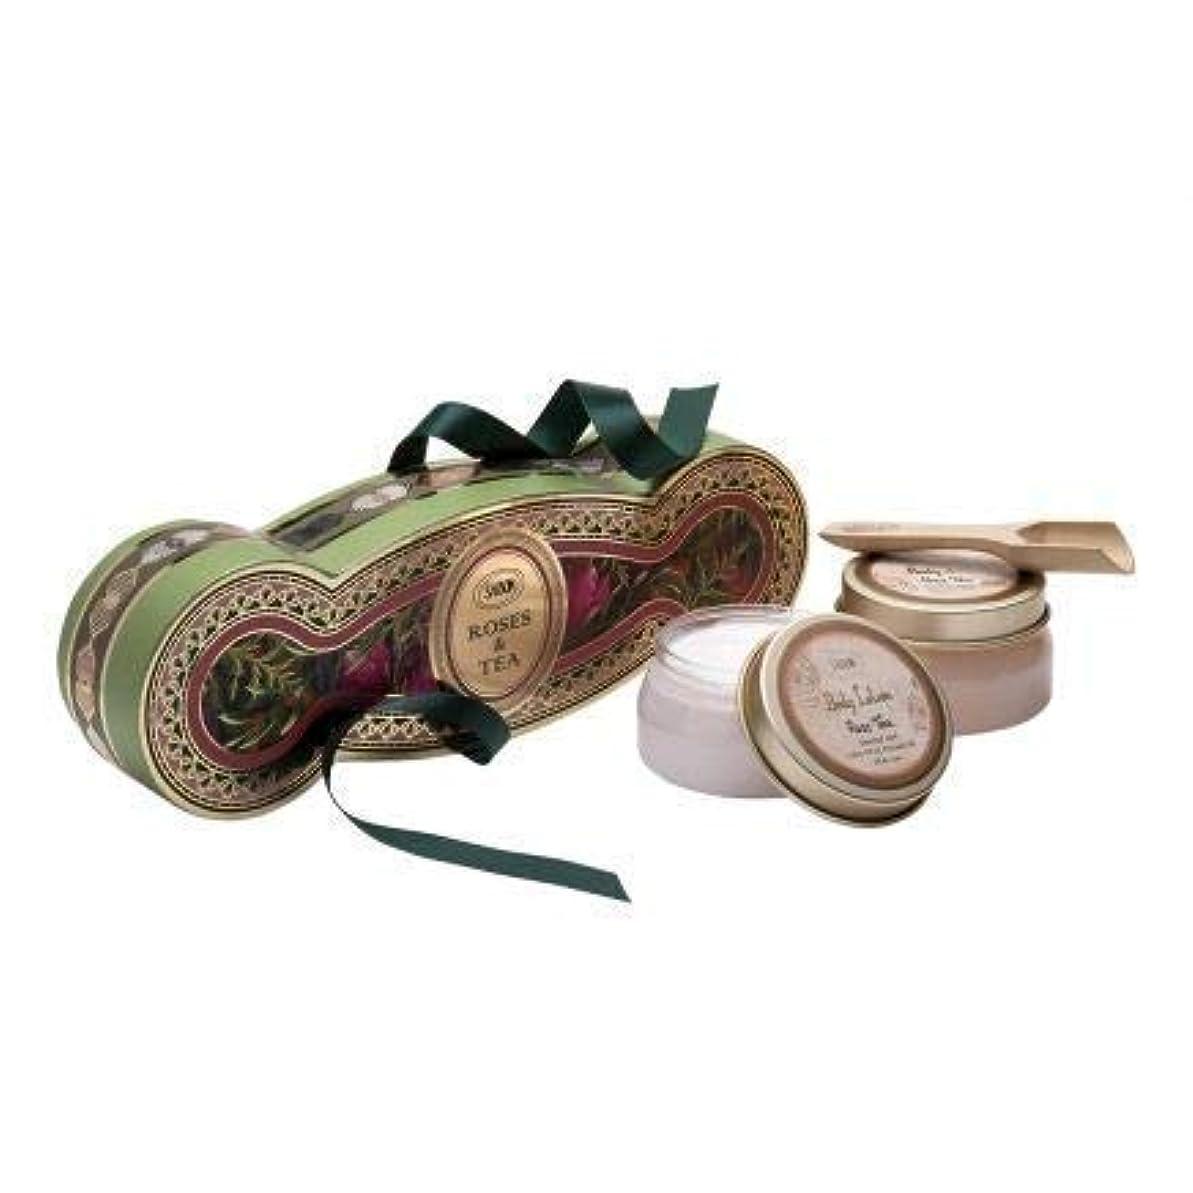 リングレット仮定、想定。推測不名誉サボン コフレ ギフト ローズティー キット ボディスクラブ ボディローション ホワイトデー SABON Rose Tea kit コレクション